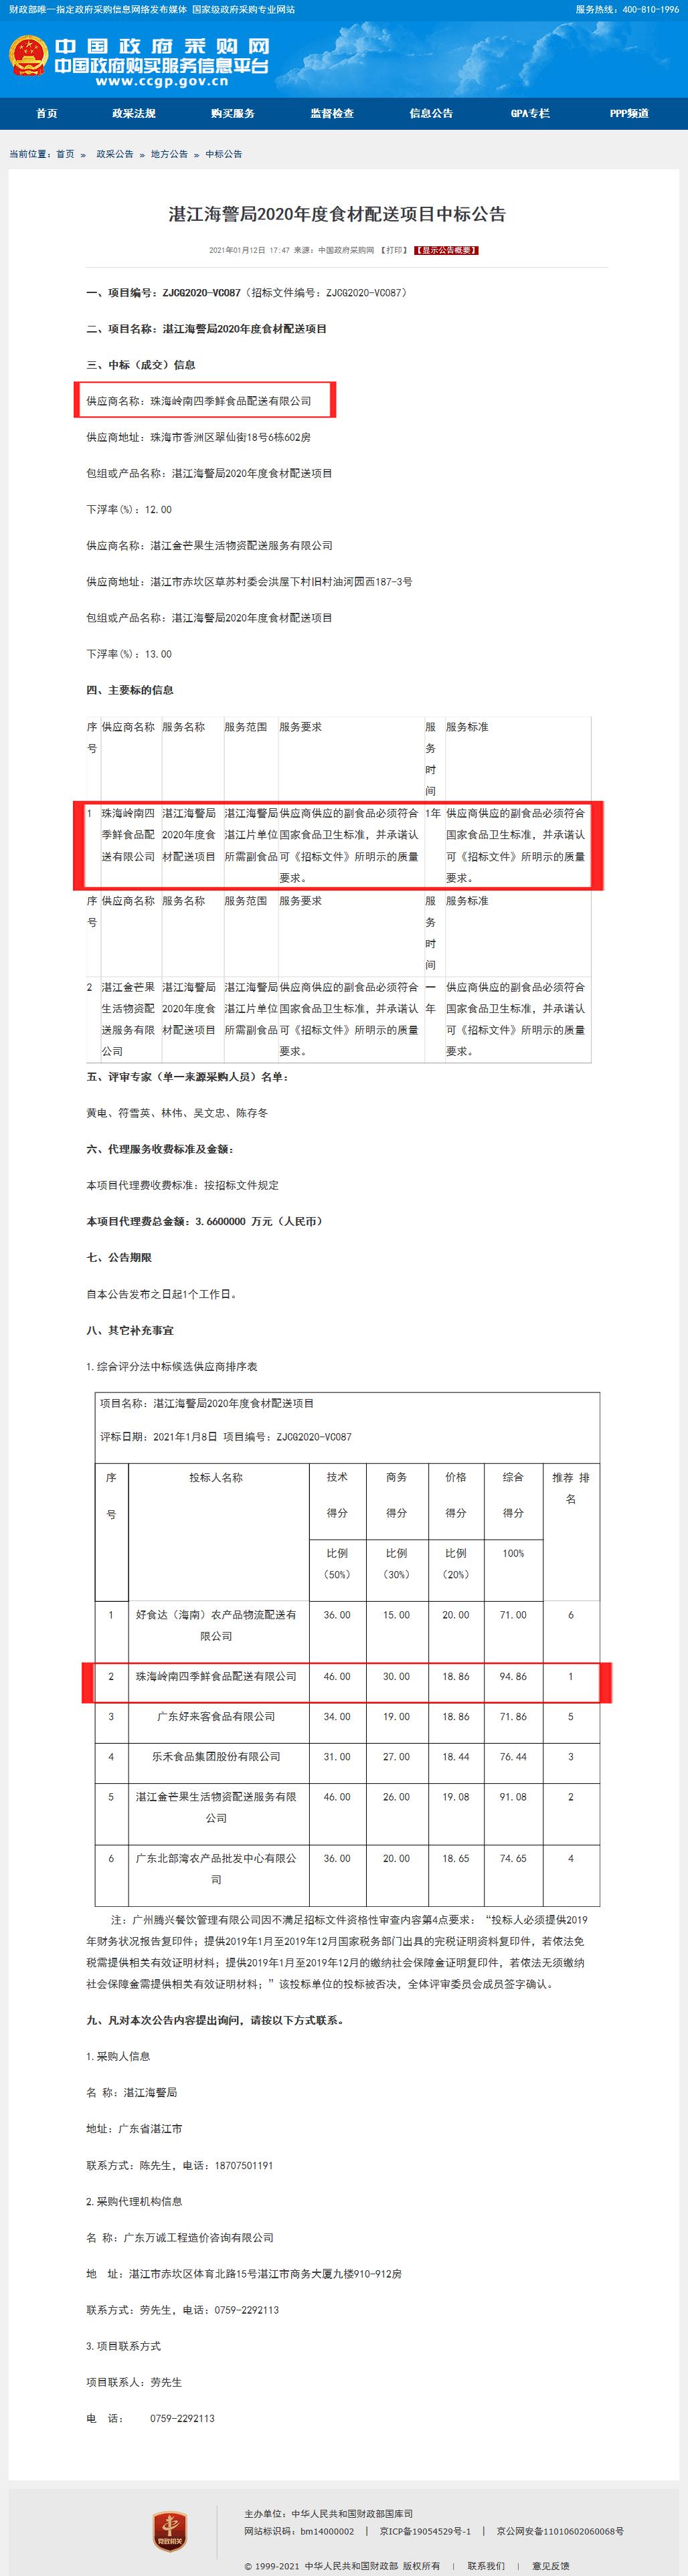 湛江海警局2020年度食材配送项目中标公告_看图王.png